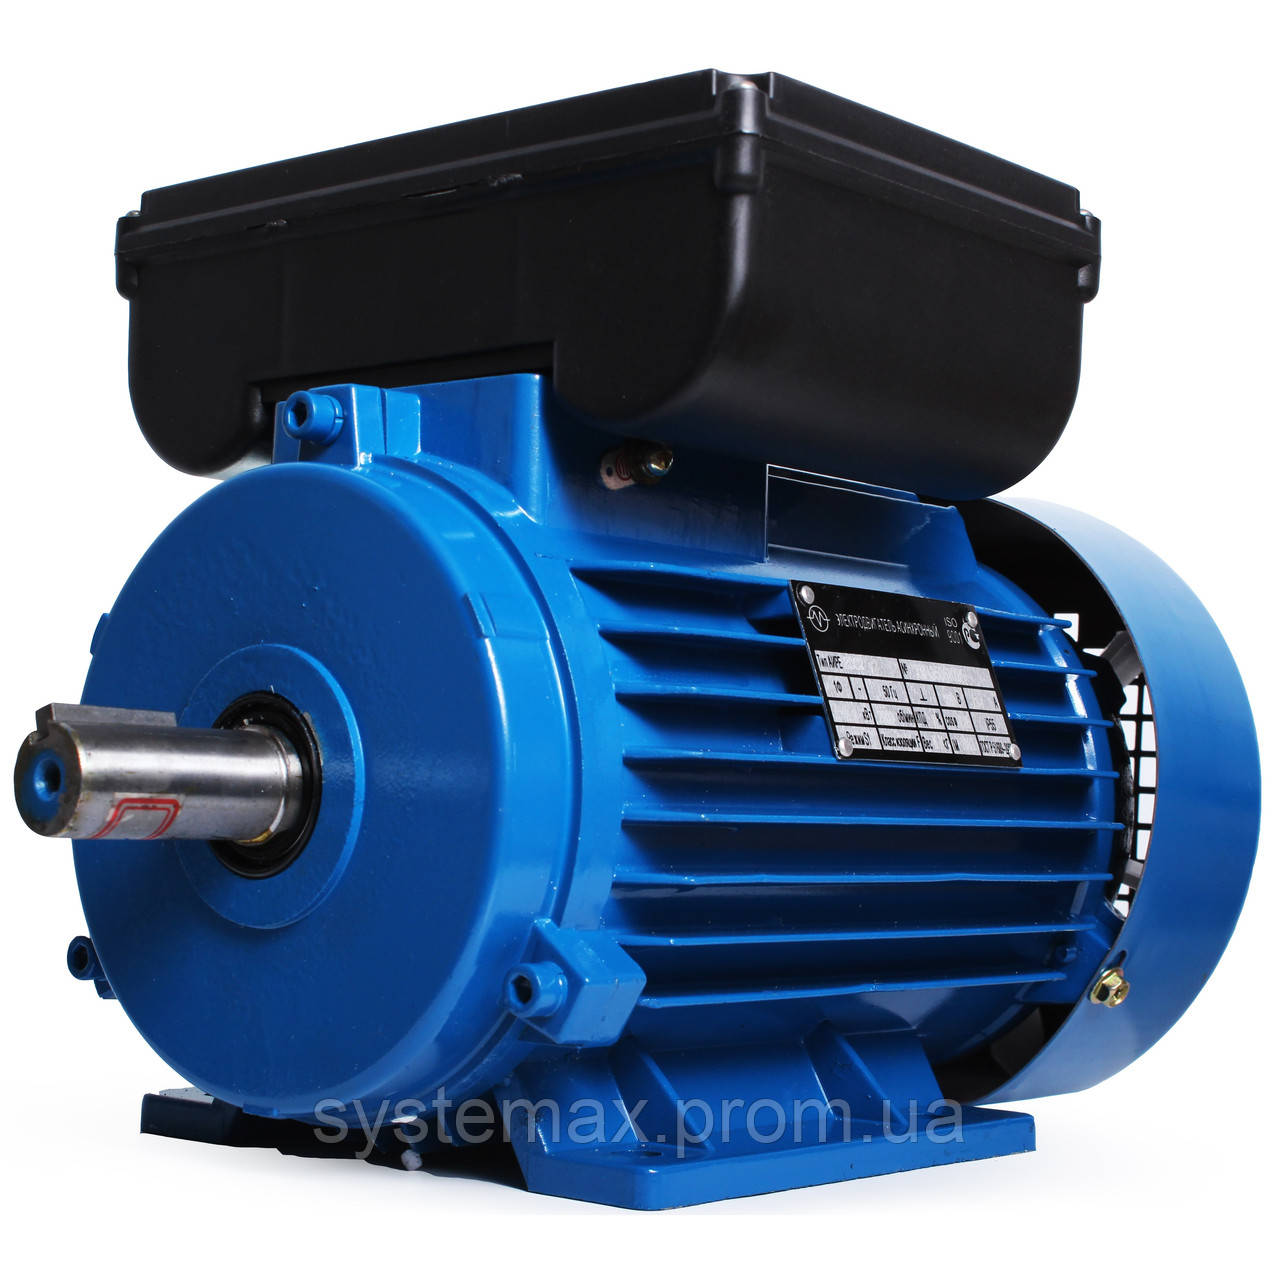 Электродвигатель однофазный АИРЕ100L2 (АИРЕ 100 L2) 3 кВт 3000 об/мин